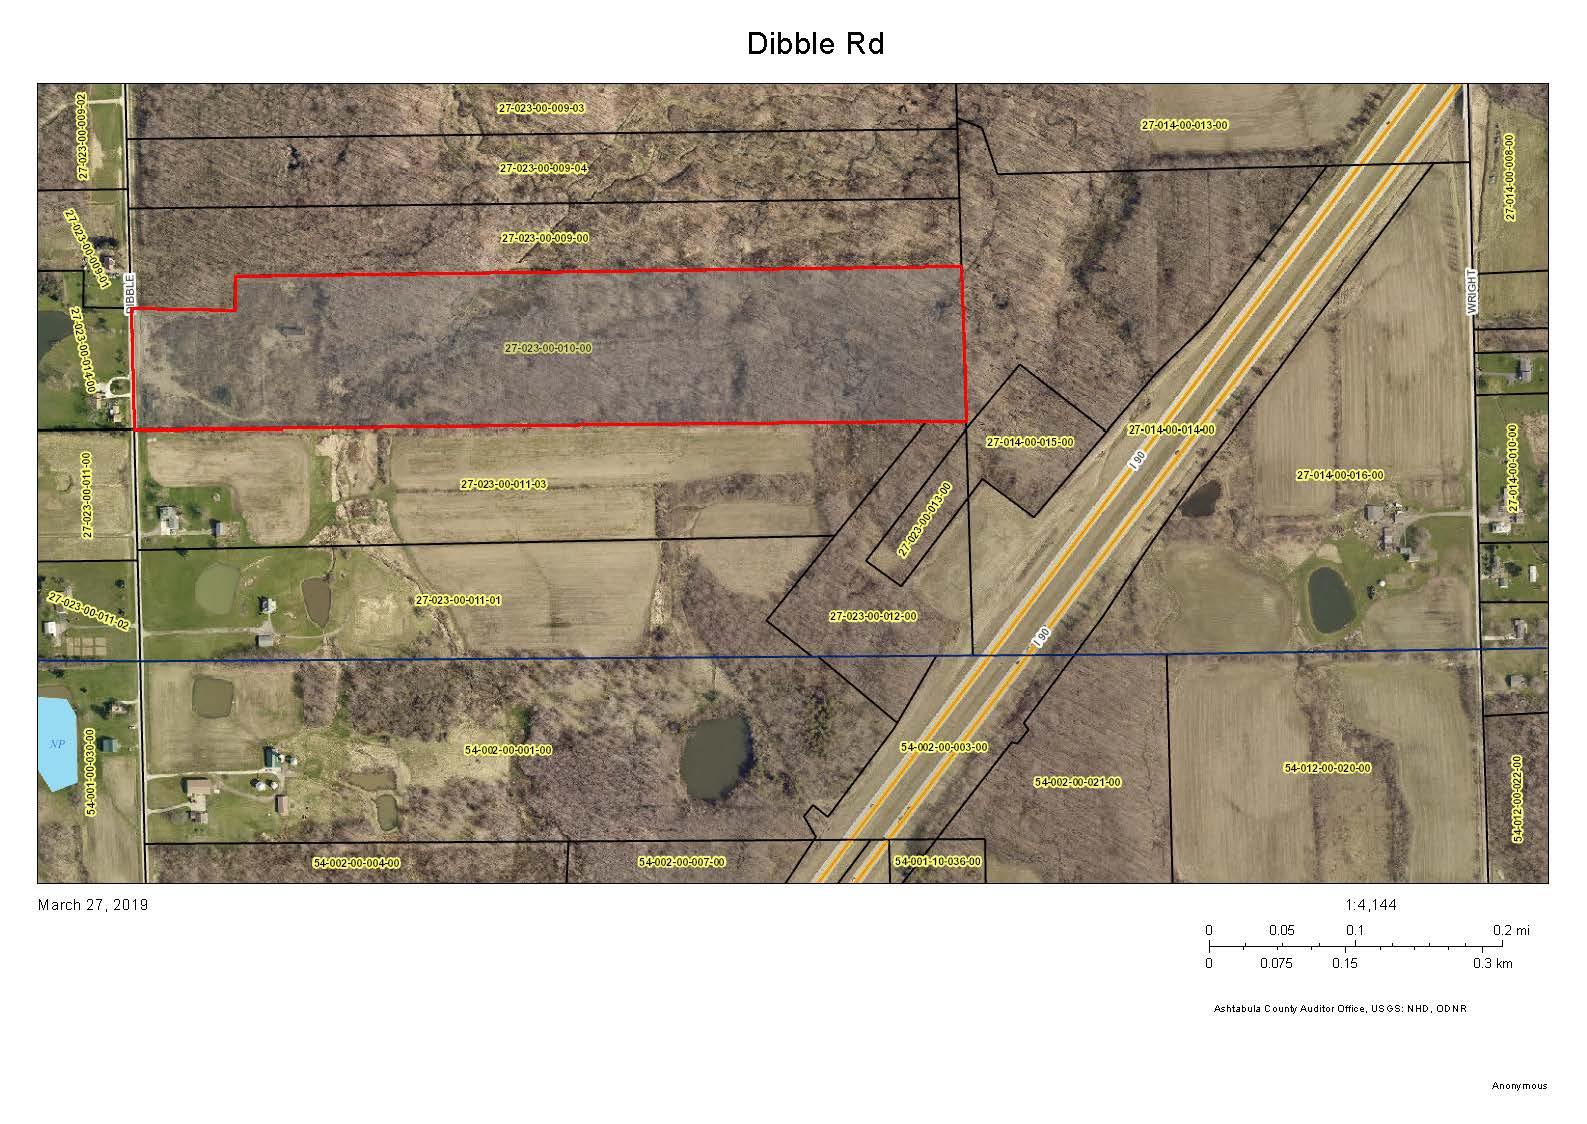 5160 Dibble Rd Kingsville, Ohio